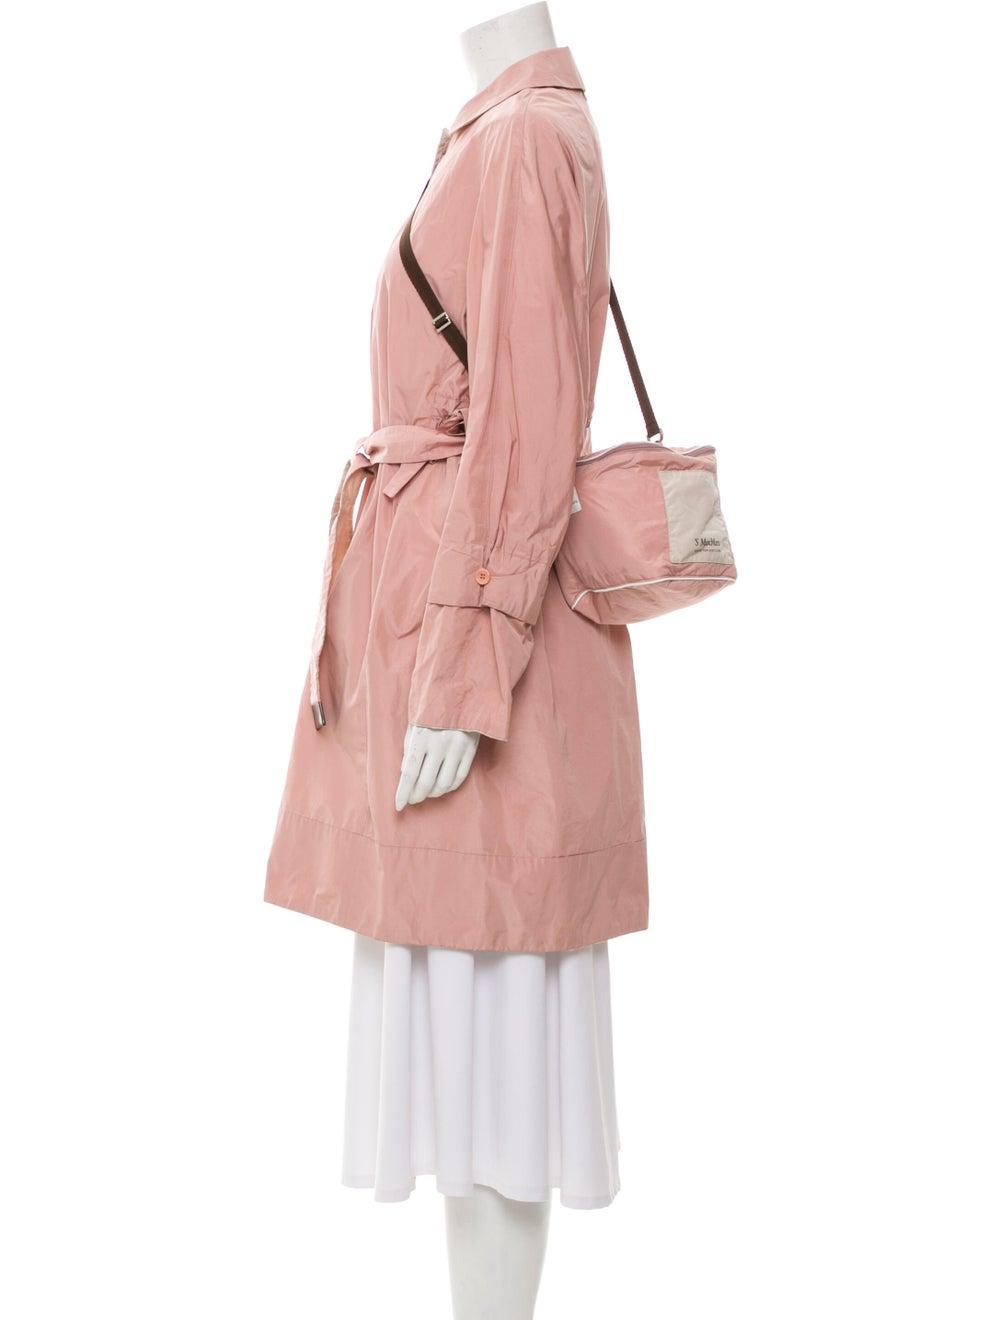 Max Mara Trench Coat Pink - image 2